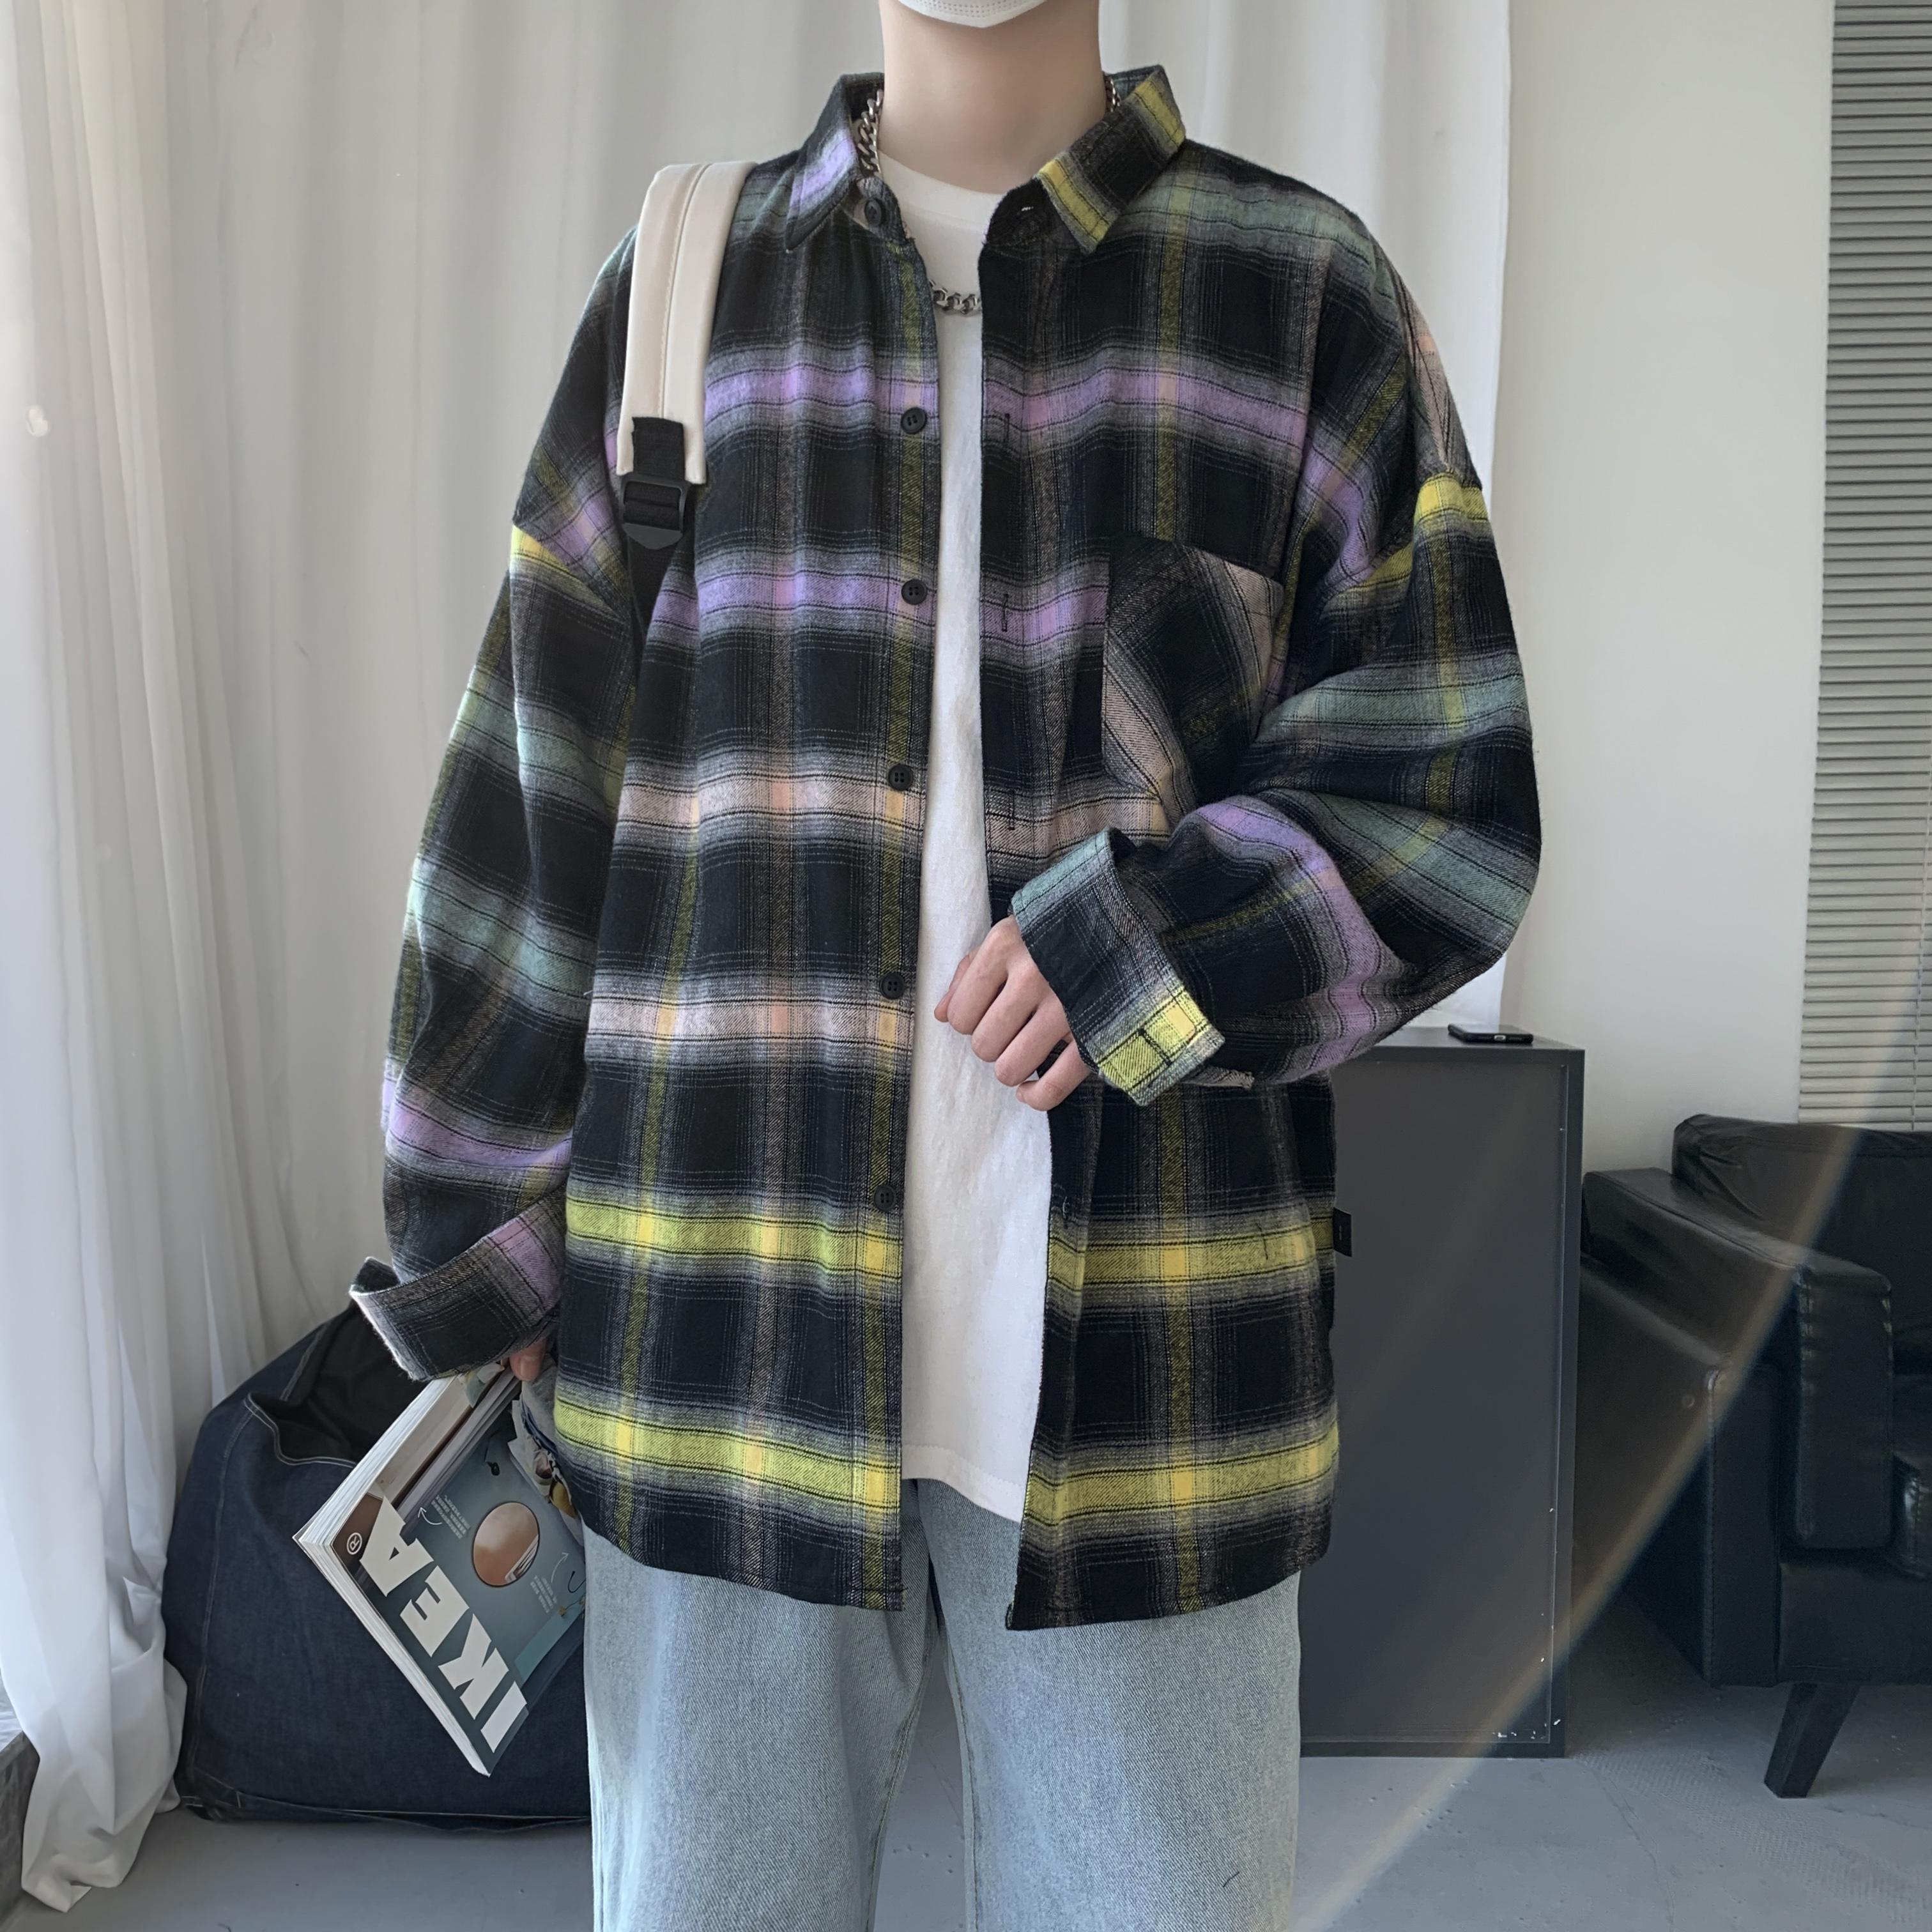 2021年男士港风外套长袖格子拼色潮流时尚衬衫男衬衣男CS06 P55